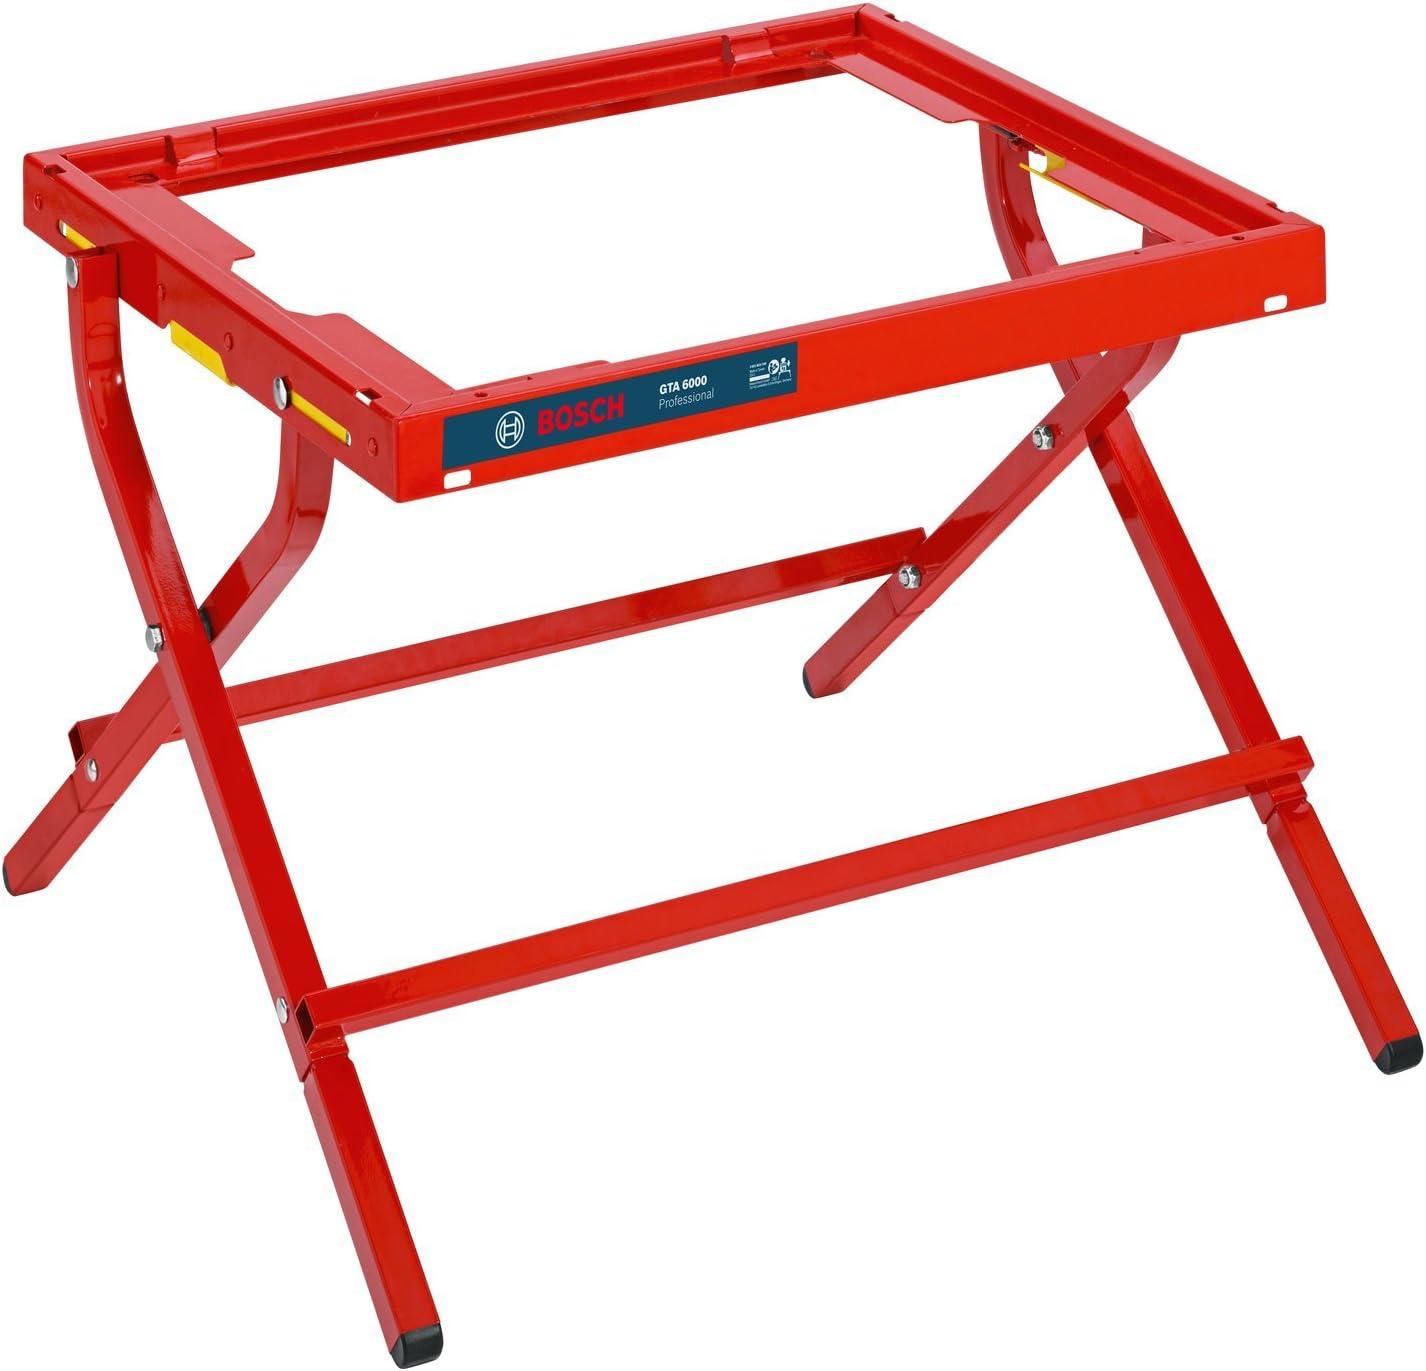 Bosch GTA 6000 - Mesa (75 cm, 60.2 cm, 12.5 kg) Rojo: Amazon.es ...